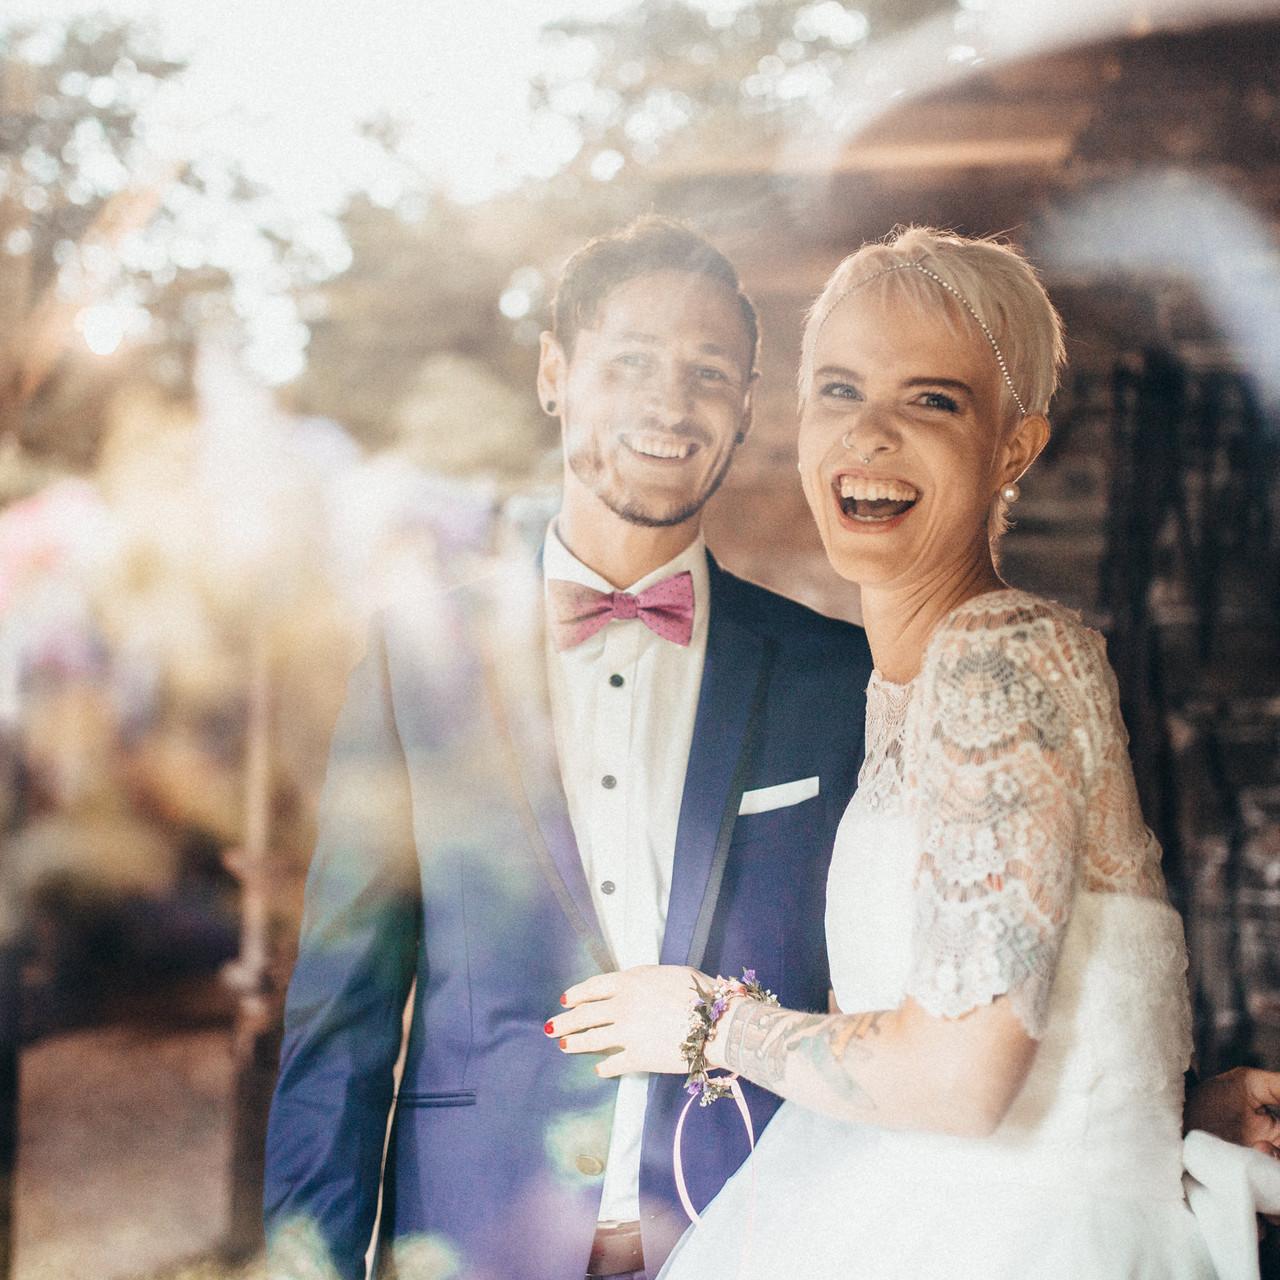 Brautpaarshooting mit Lara & Andreas im Sauerland.  Hochzeitsfotograf aus Köln - Christopher Reuter